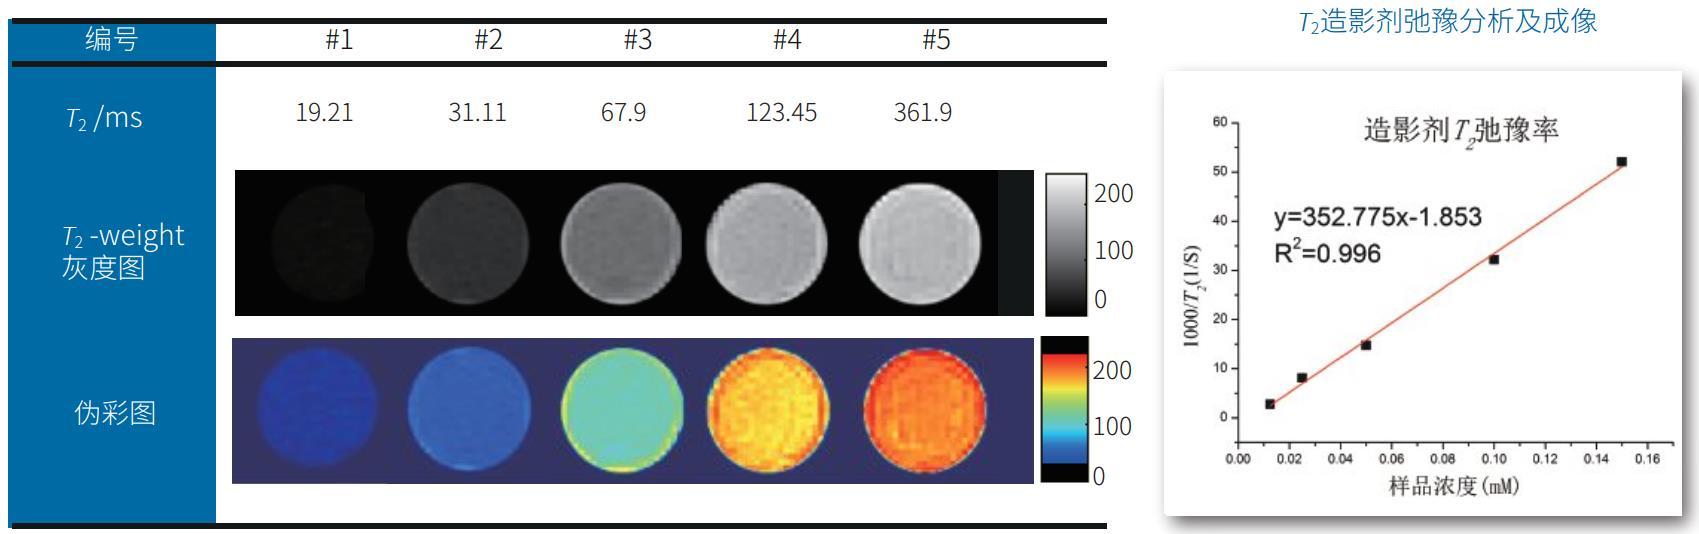 核磁共振造影剂成像分析仪